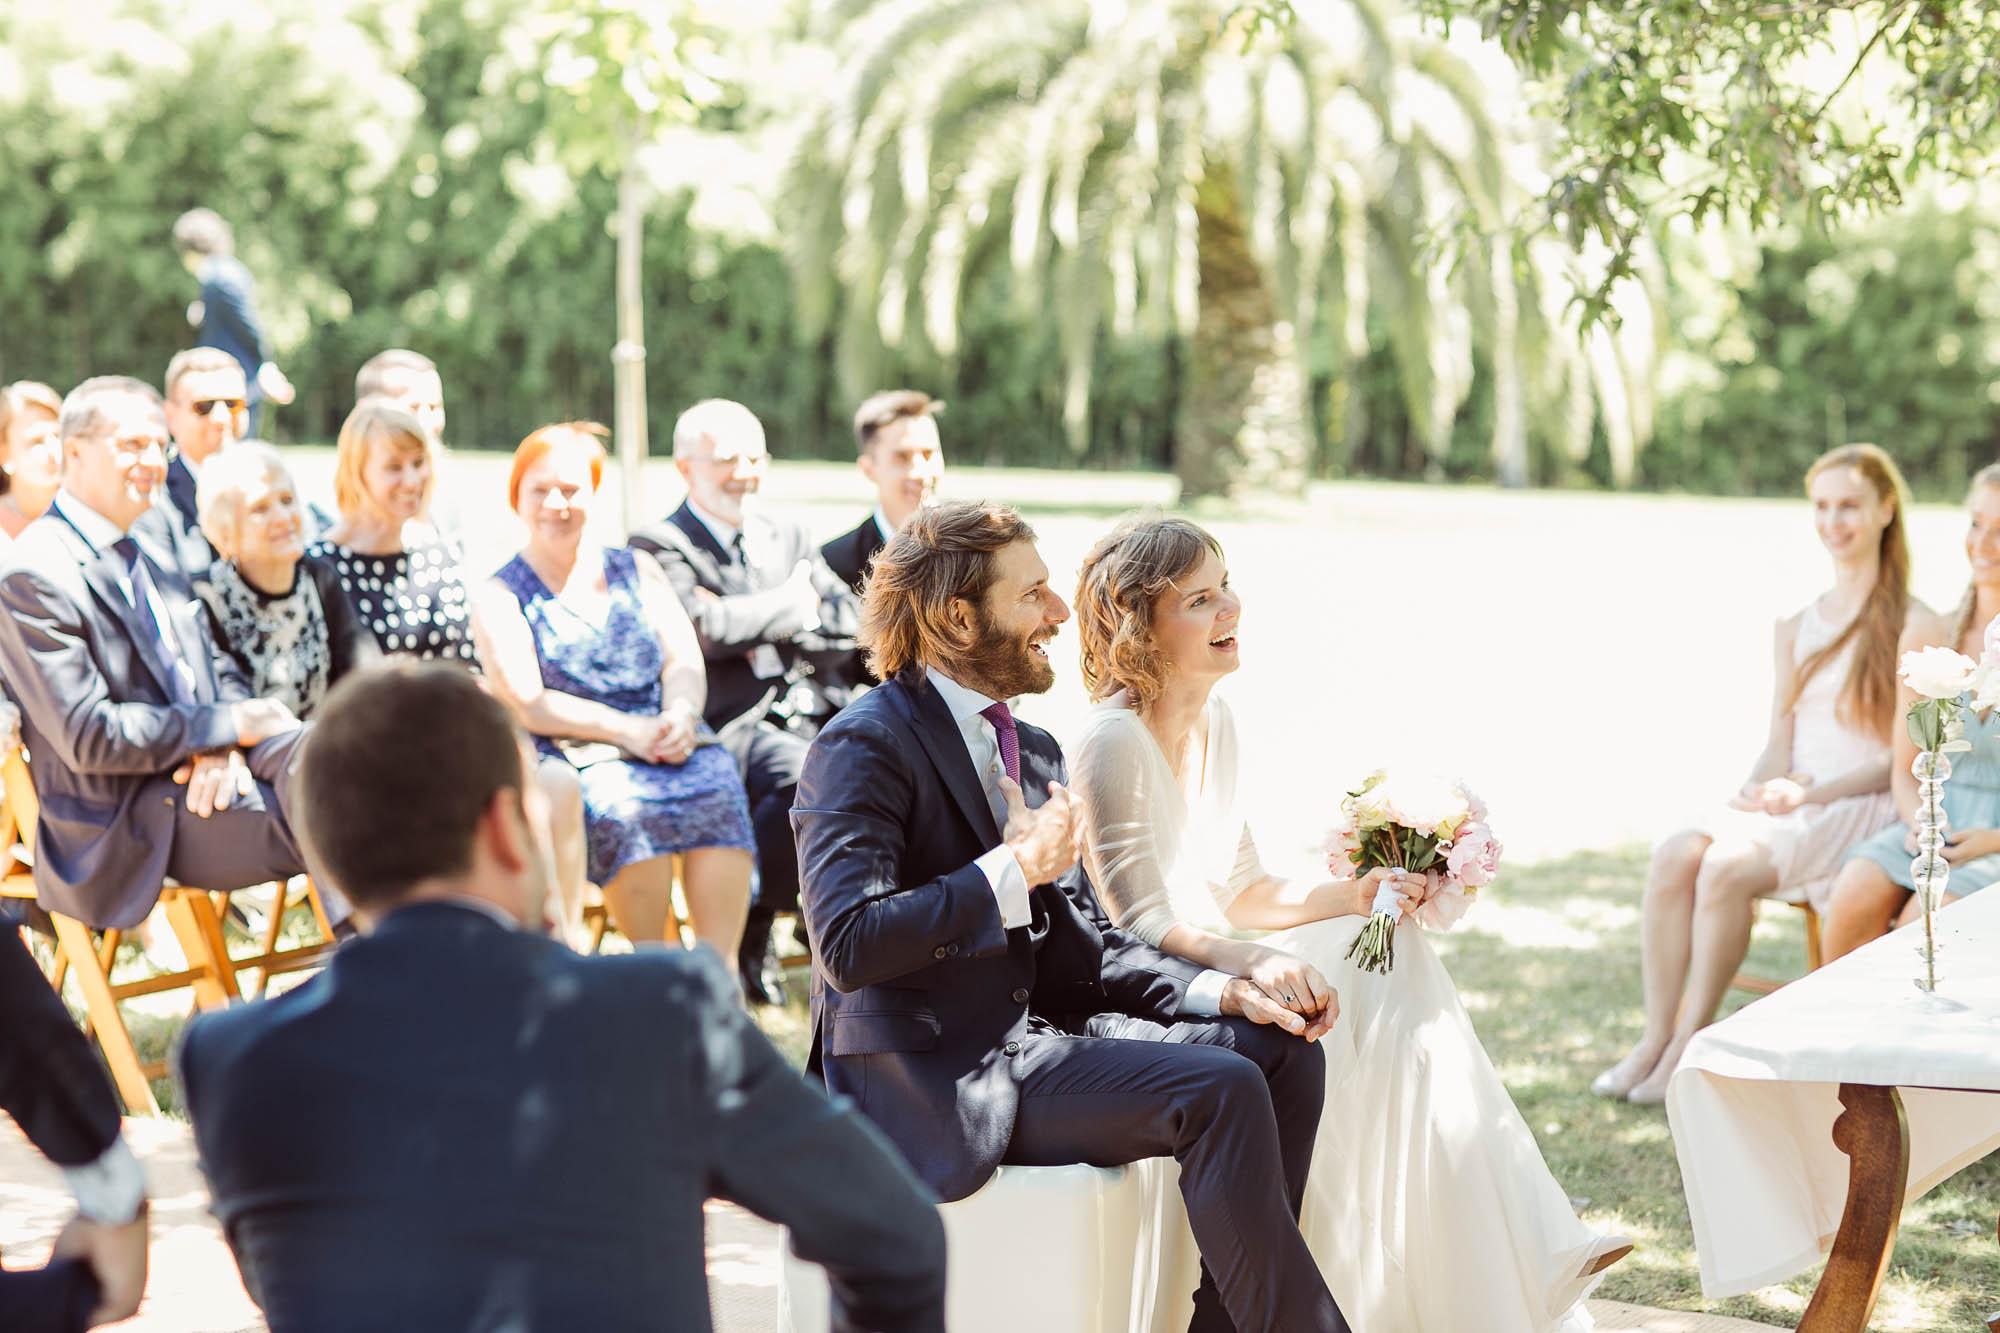 Los invitados observan a los novios sentados frente al altar